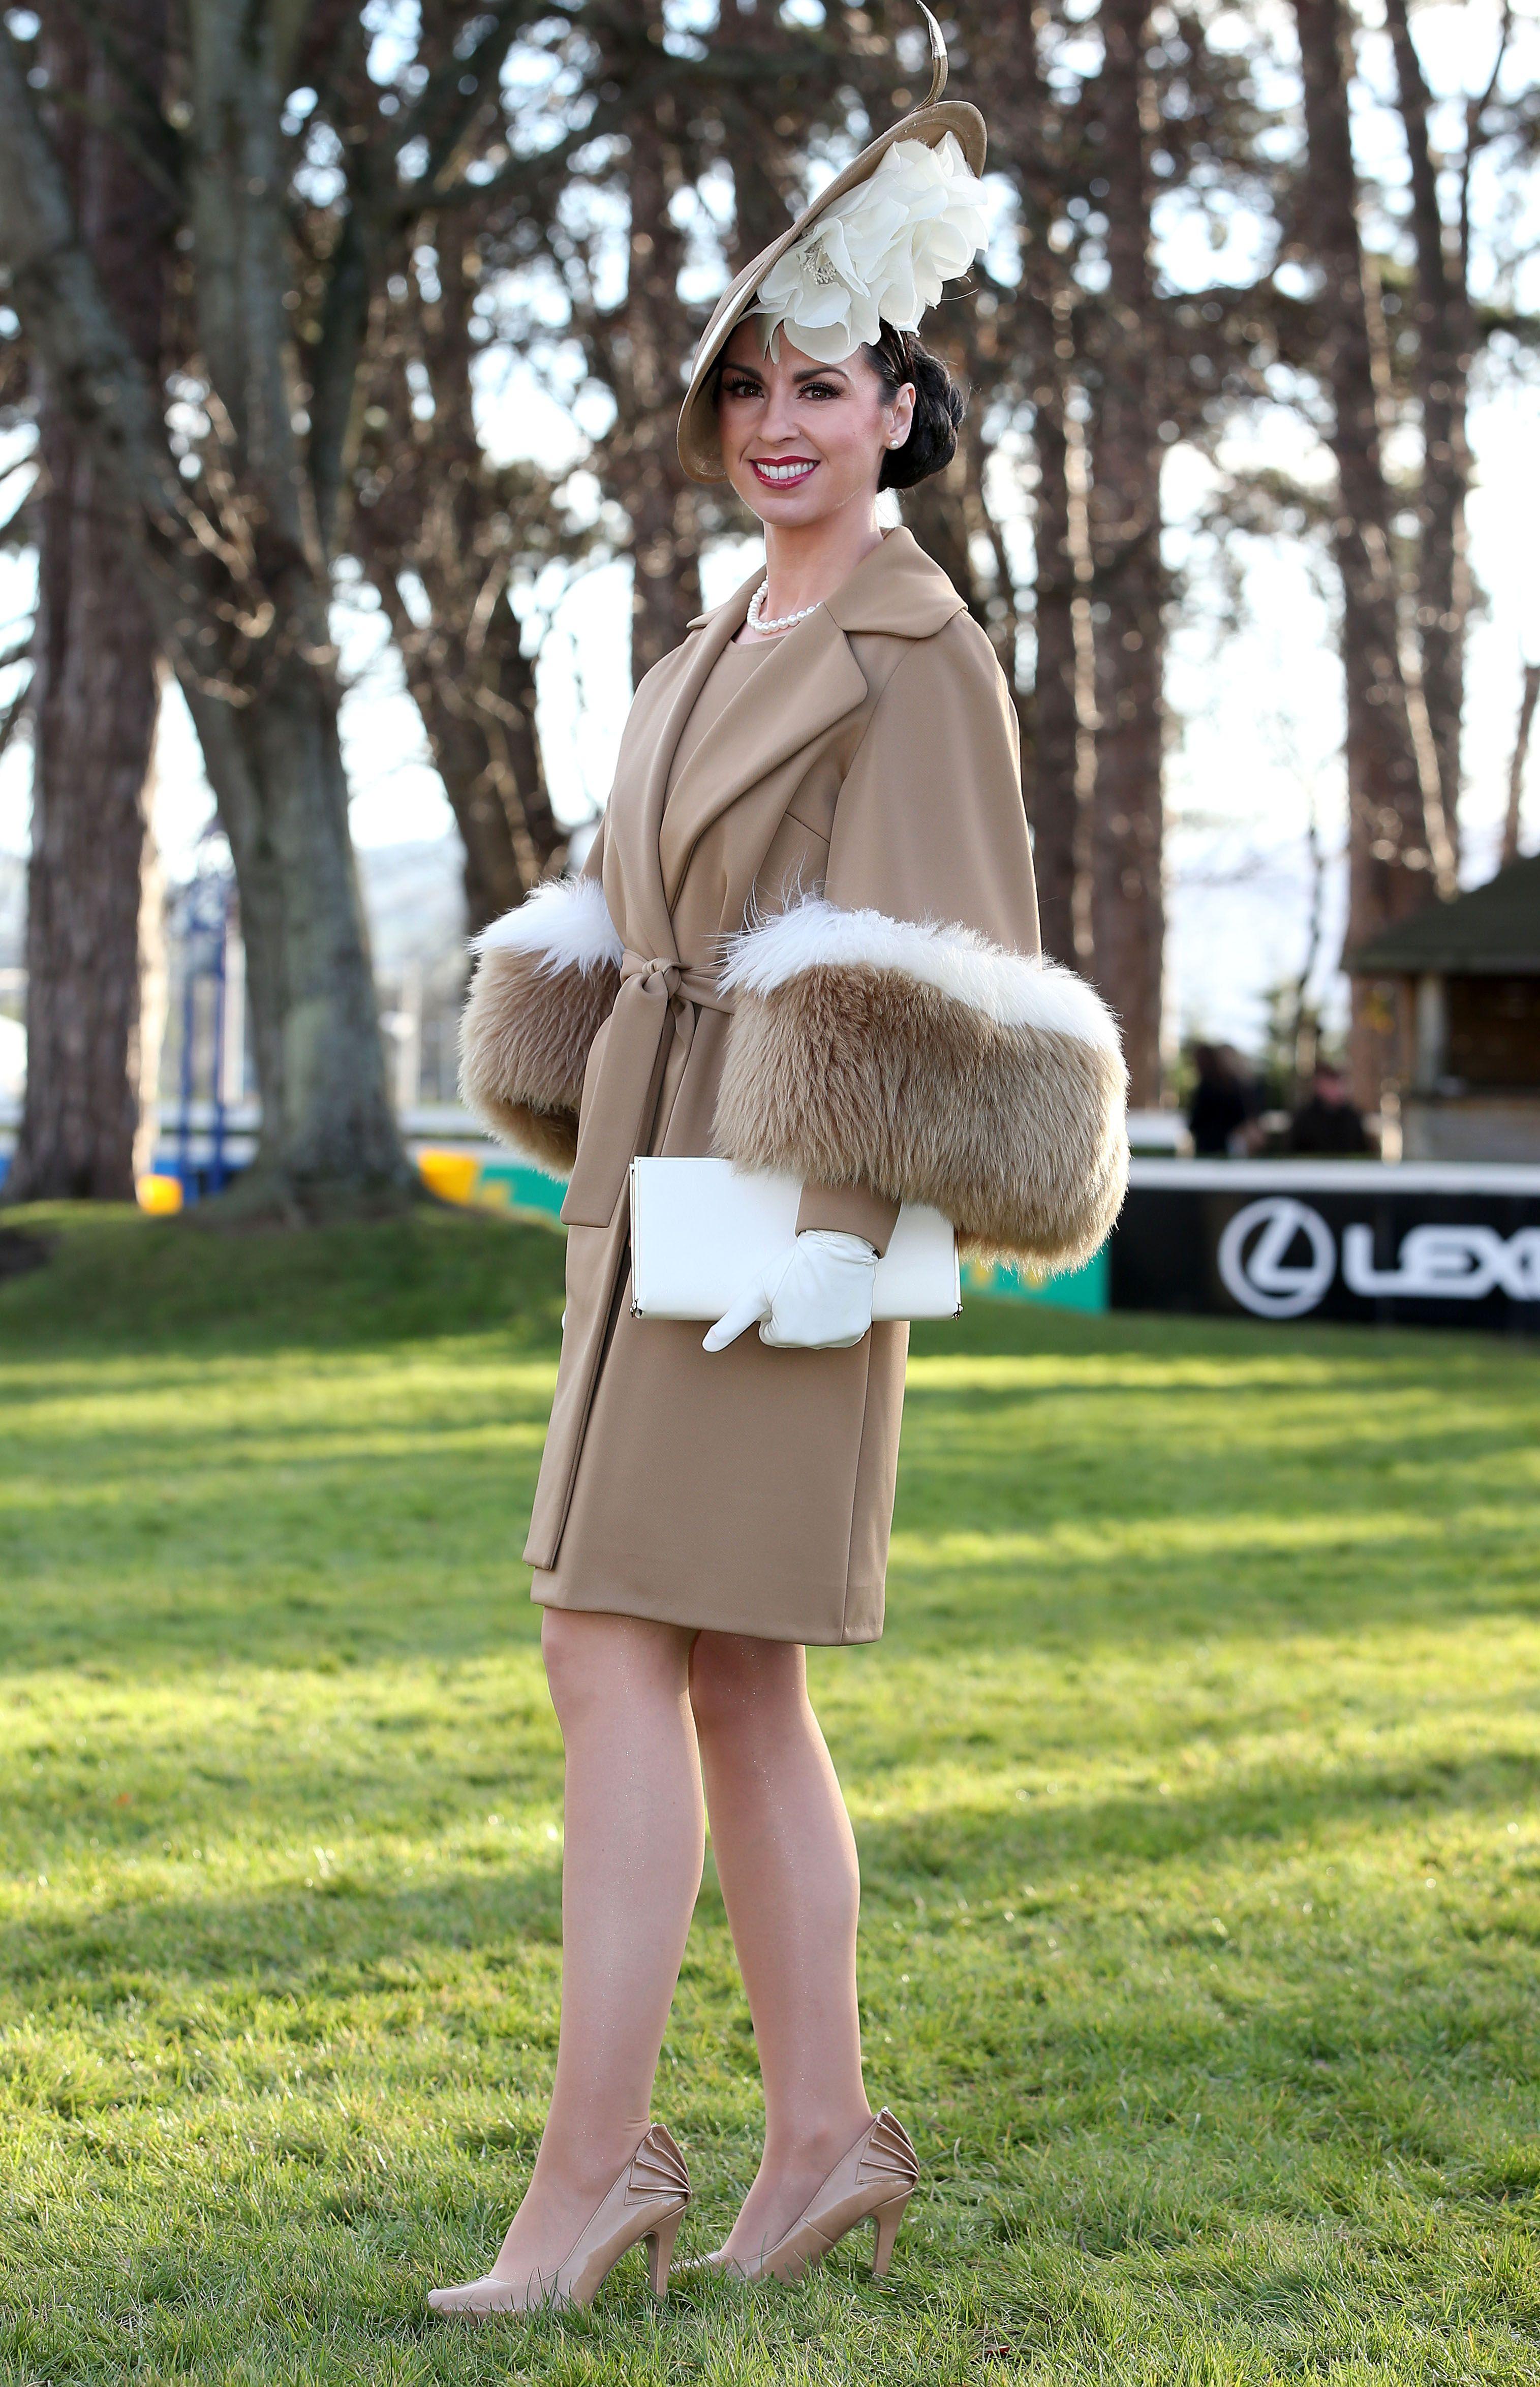 suzanne mcgarry was our lexus ladies day winner 2013